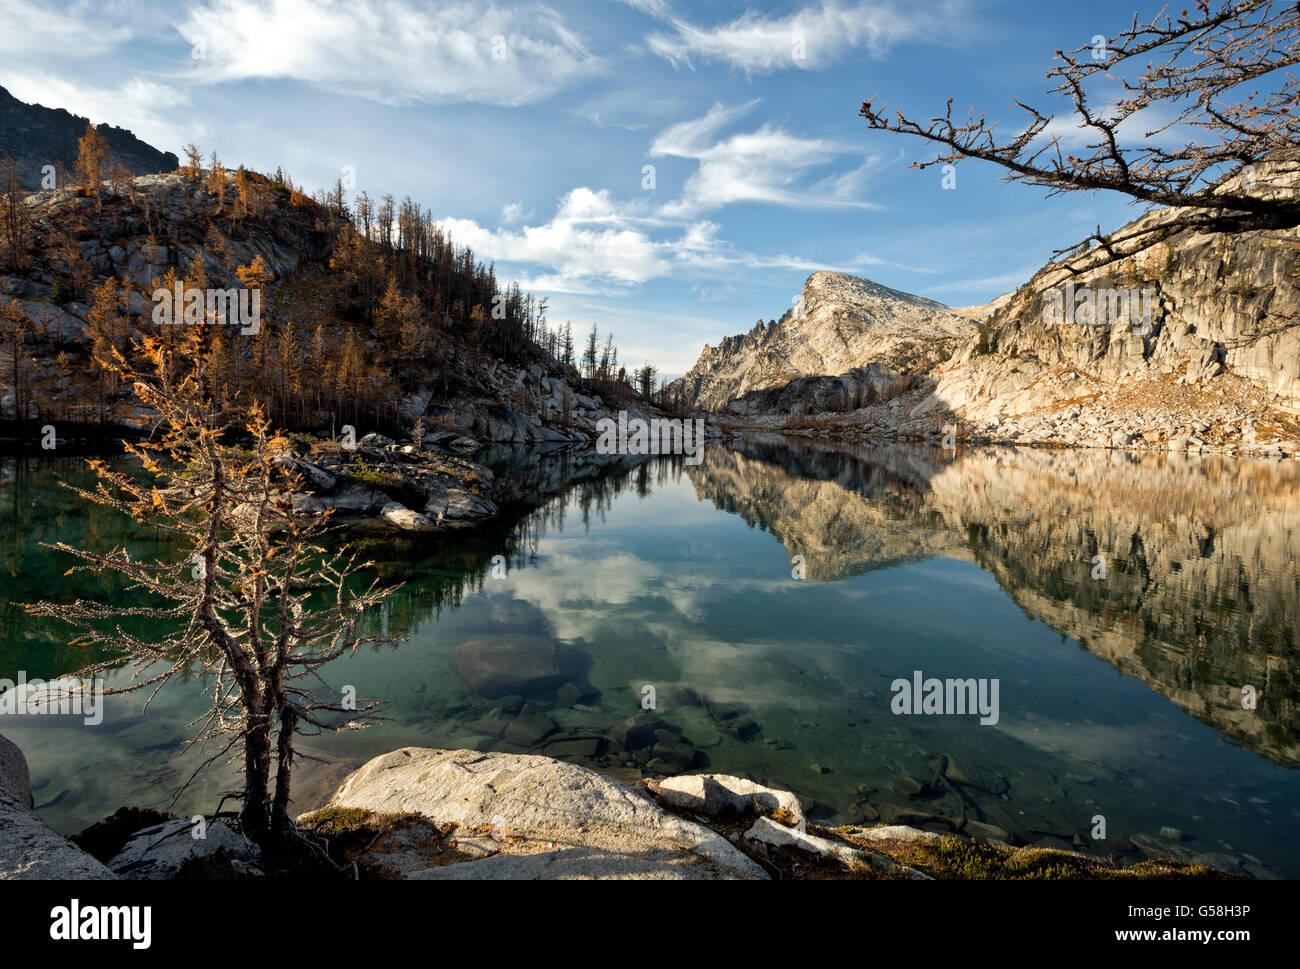 WASHINGTON - Little Annapurna de la perfección encanto lago en el área de la cuenca de Los Lagos lagos Imagen De Stock